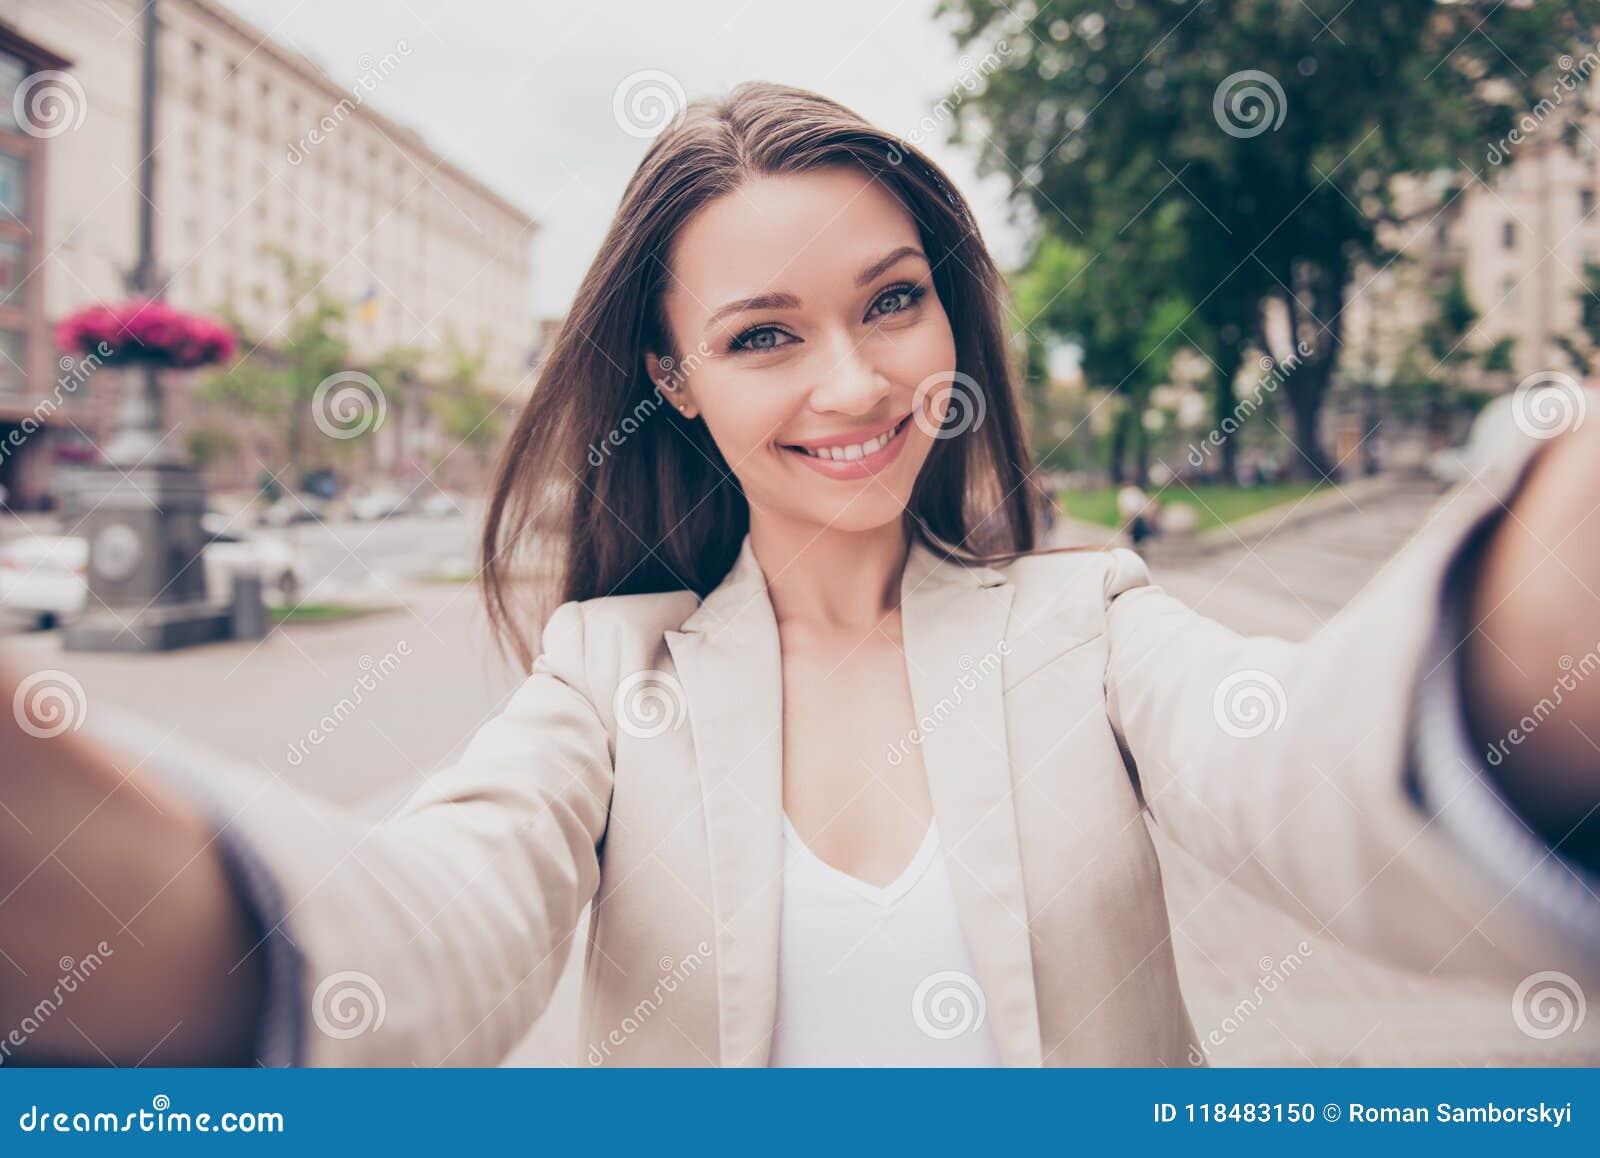 Ξένοιαστη και ευτυχής, ηλιόλουστη διάθεση άνοιξη Η γοητεία της νέας κυρίας είναι μΑ